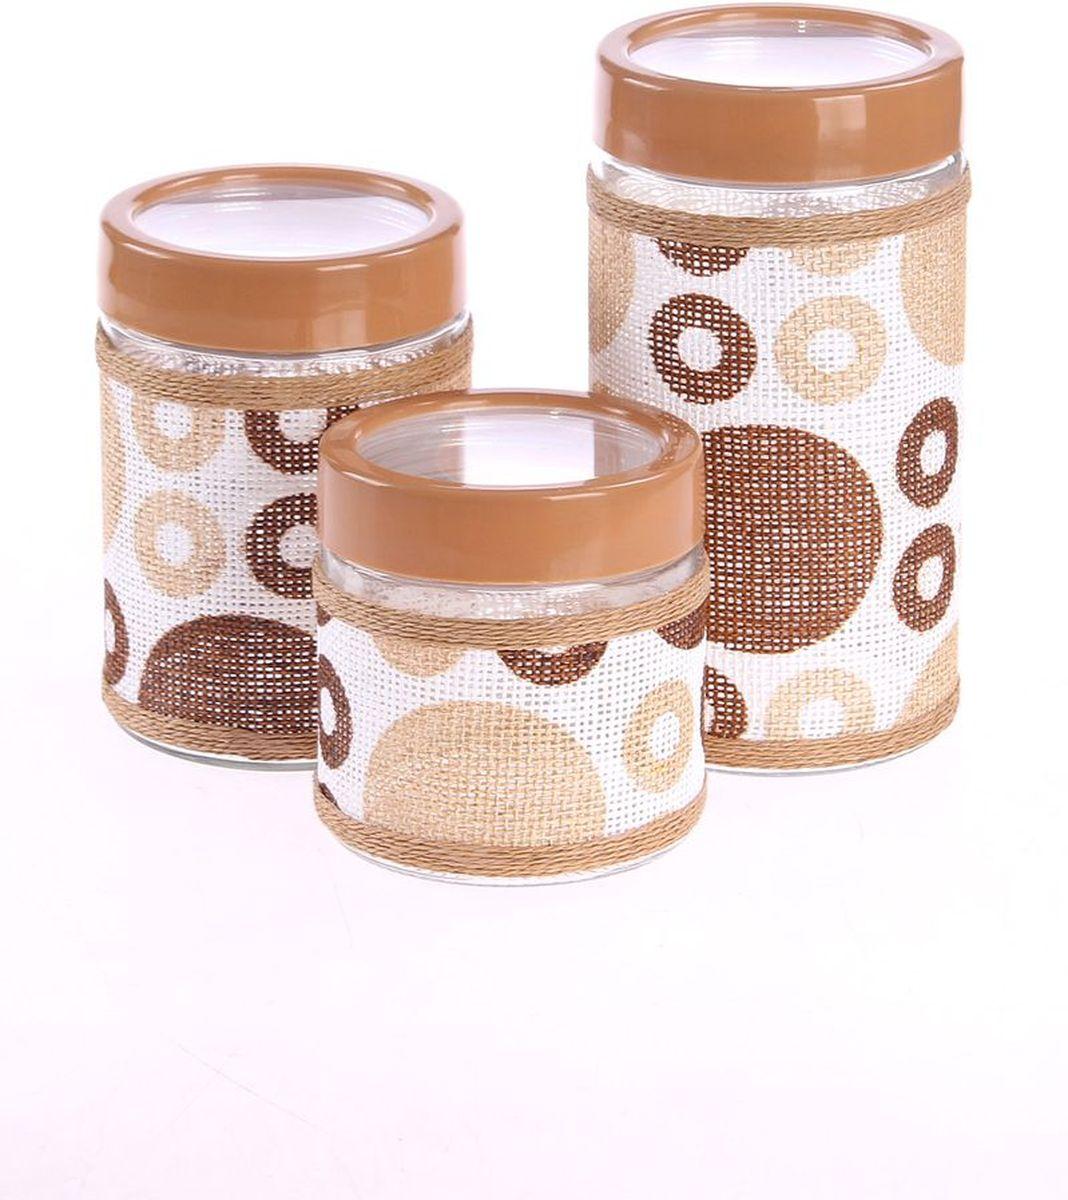 Набор банок для сыпучих продуктов 3 предмета PATRICIAIM99-3902